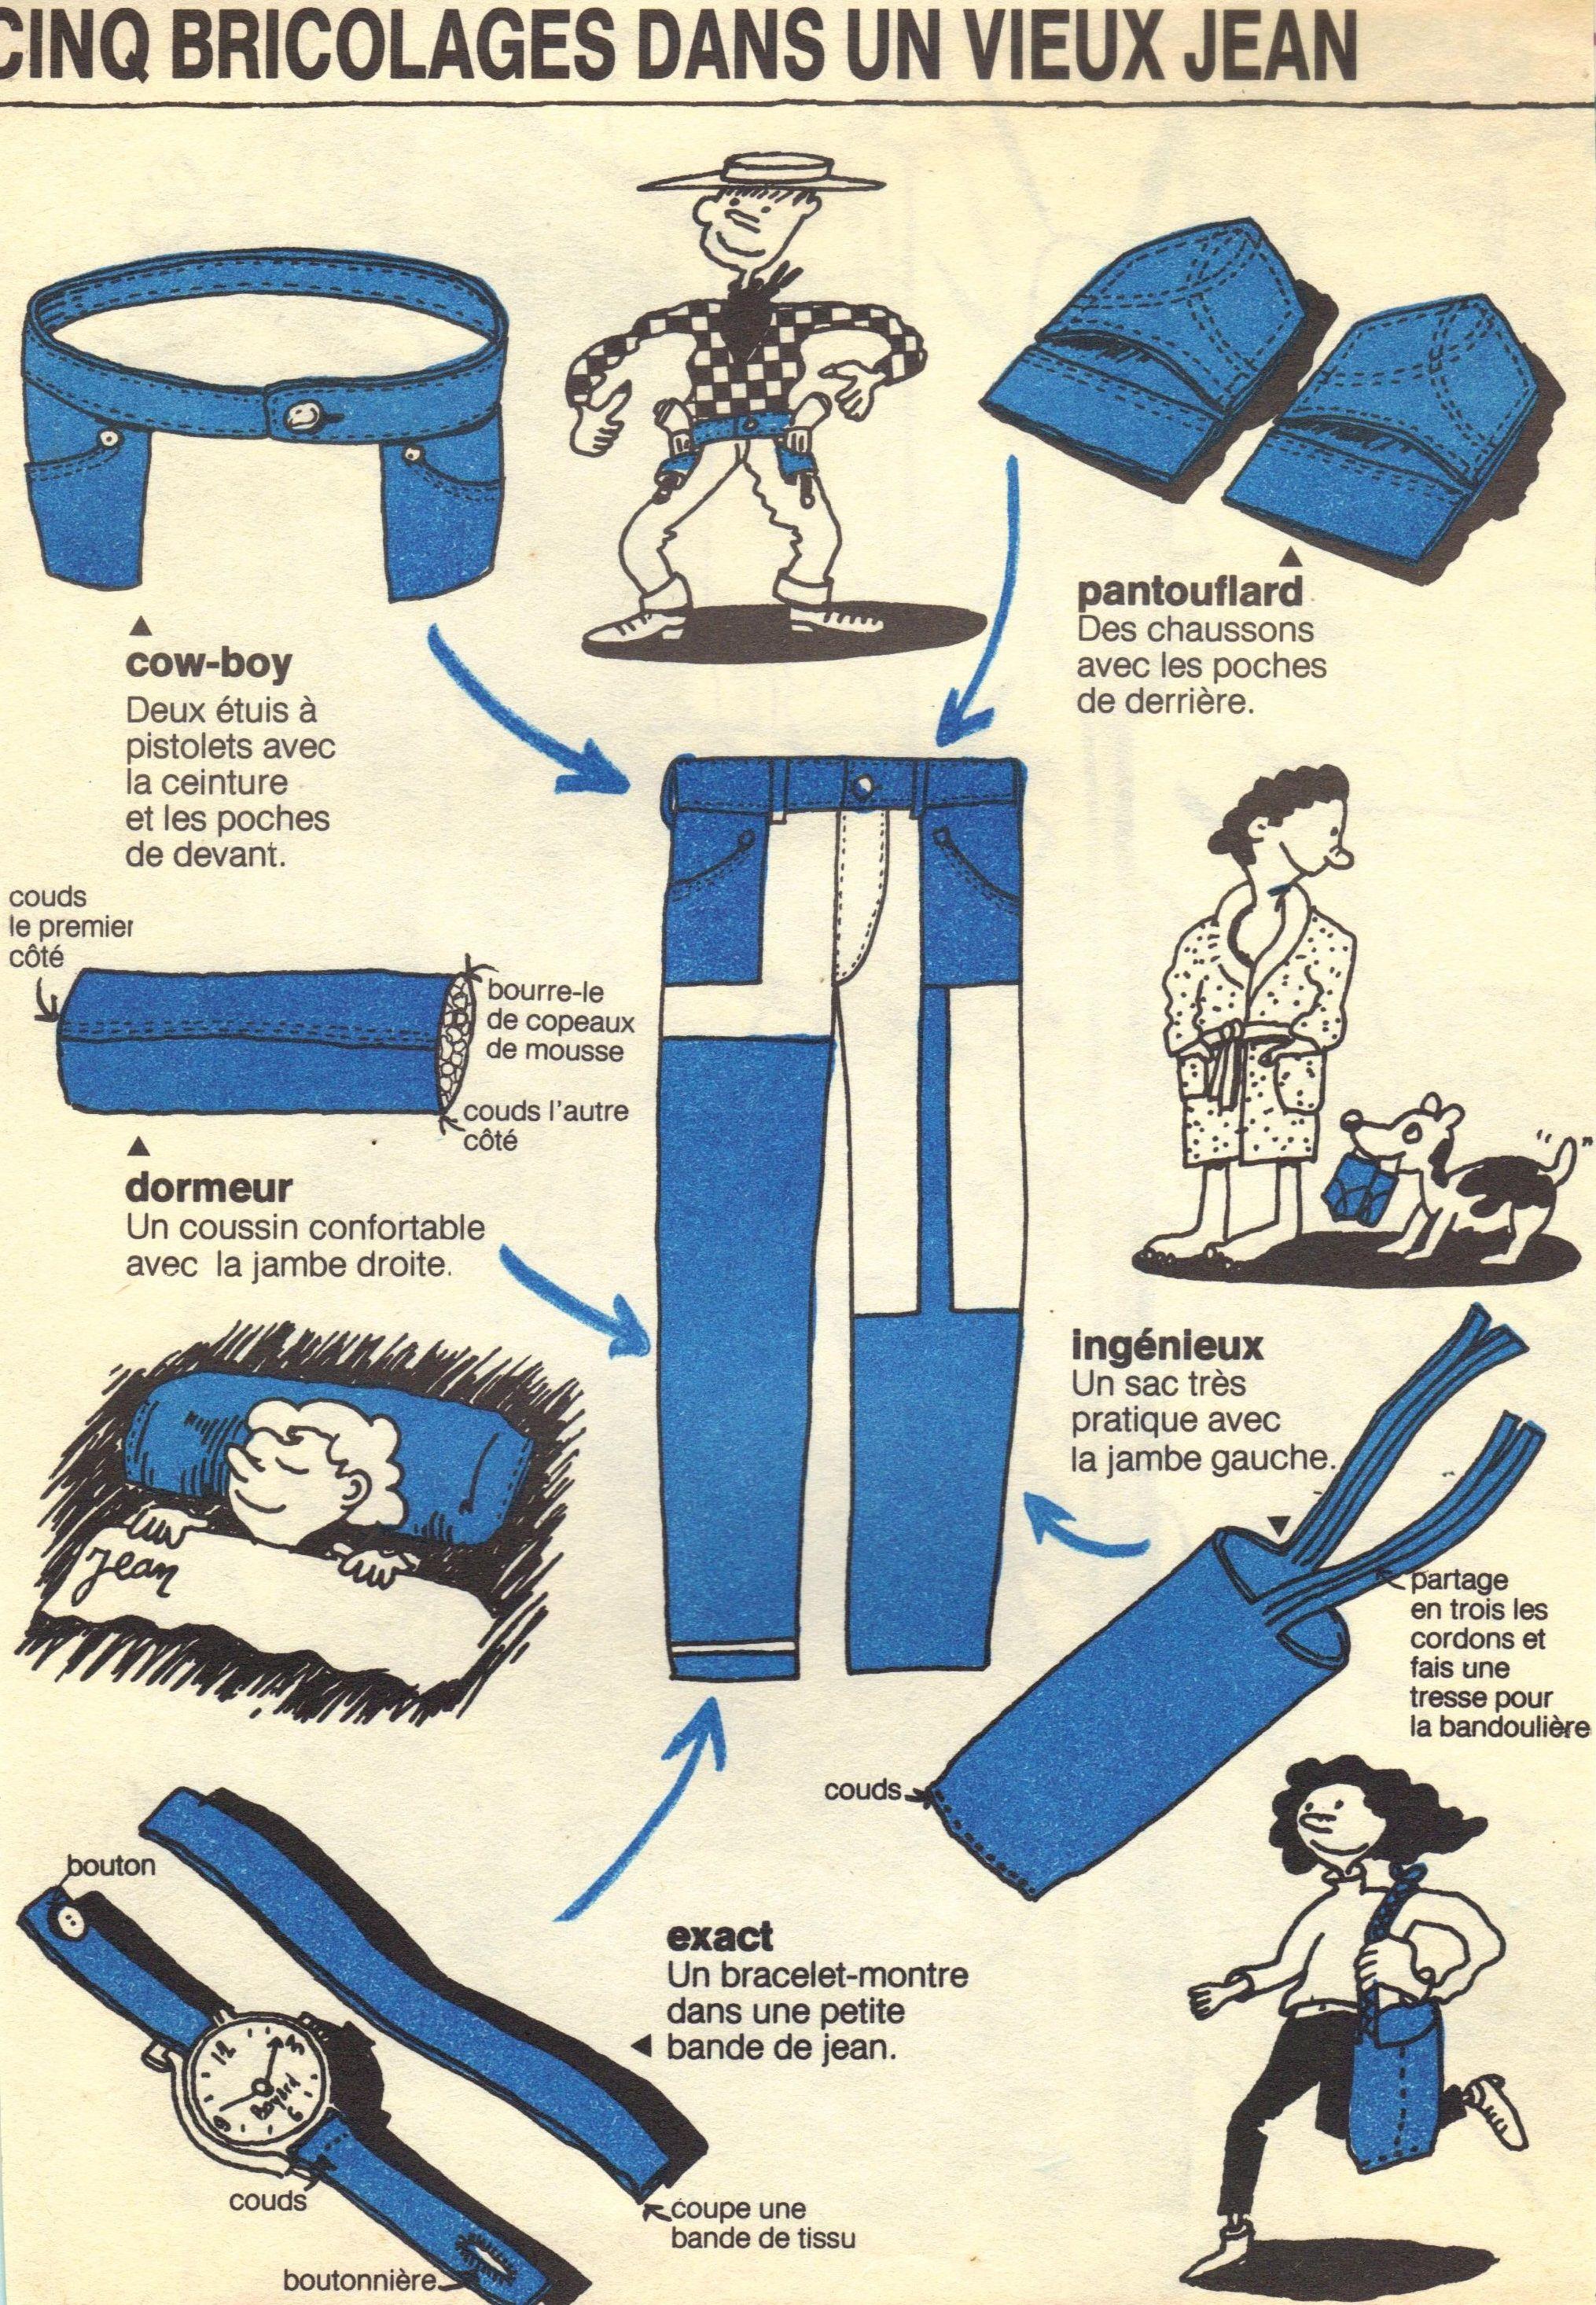 67a1e051d46 Bricolage recyclage avec un vieux jean